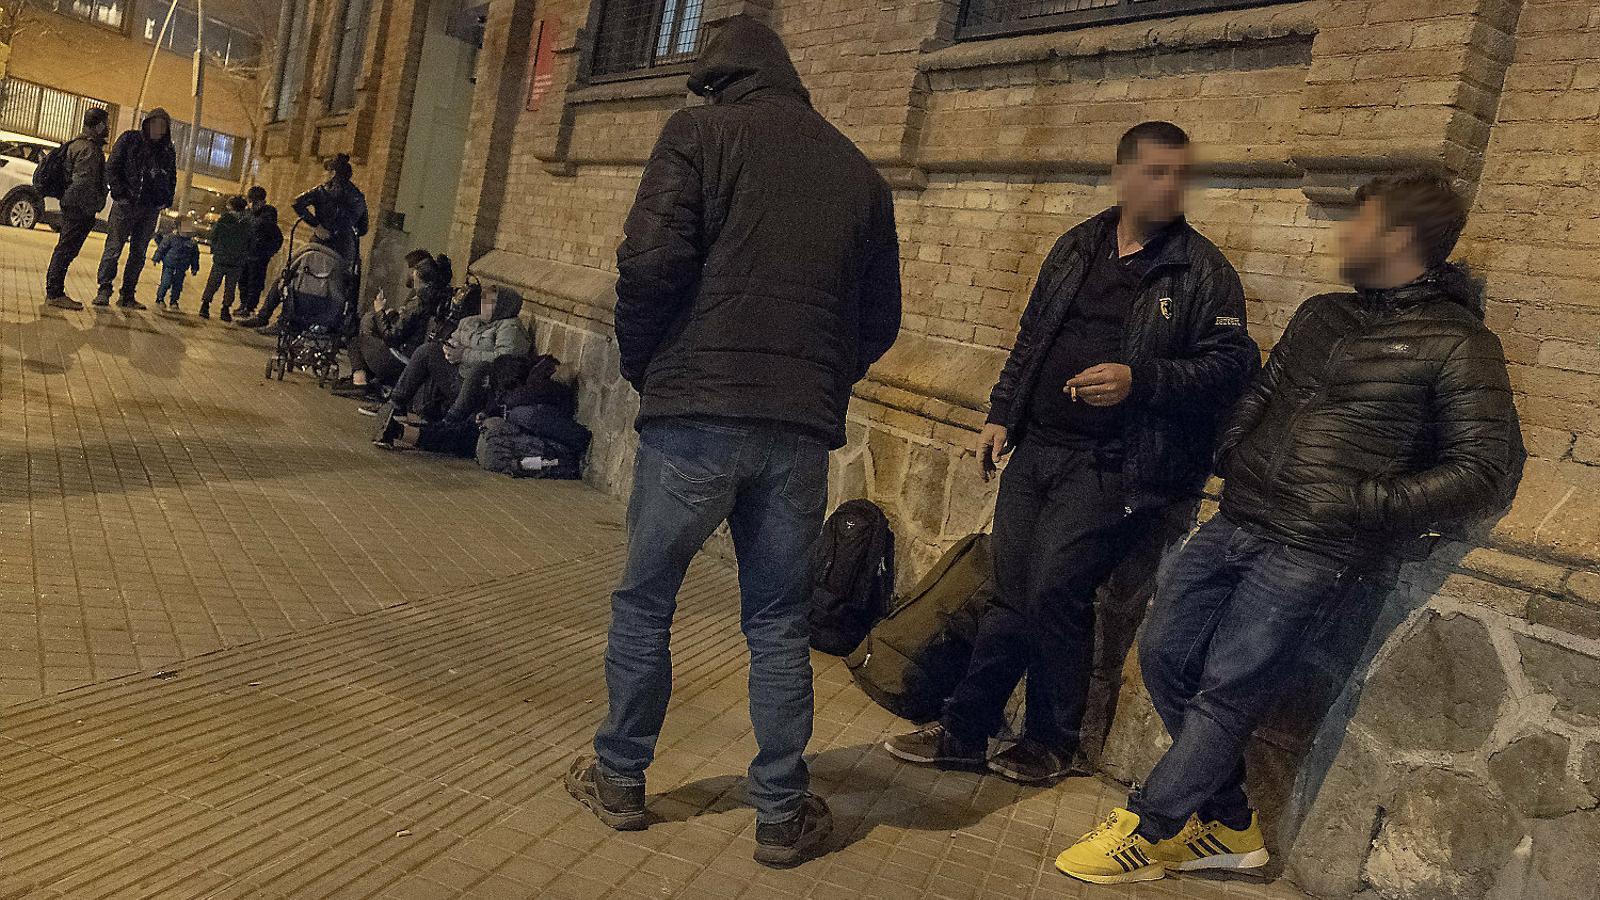 L'Estat admet que hi ha una màfia darrere l'arribada sobtada de georgians